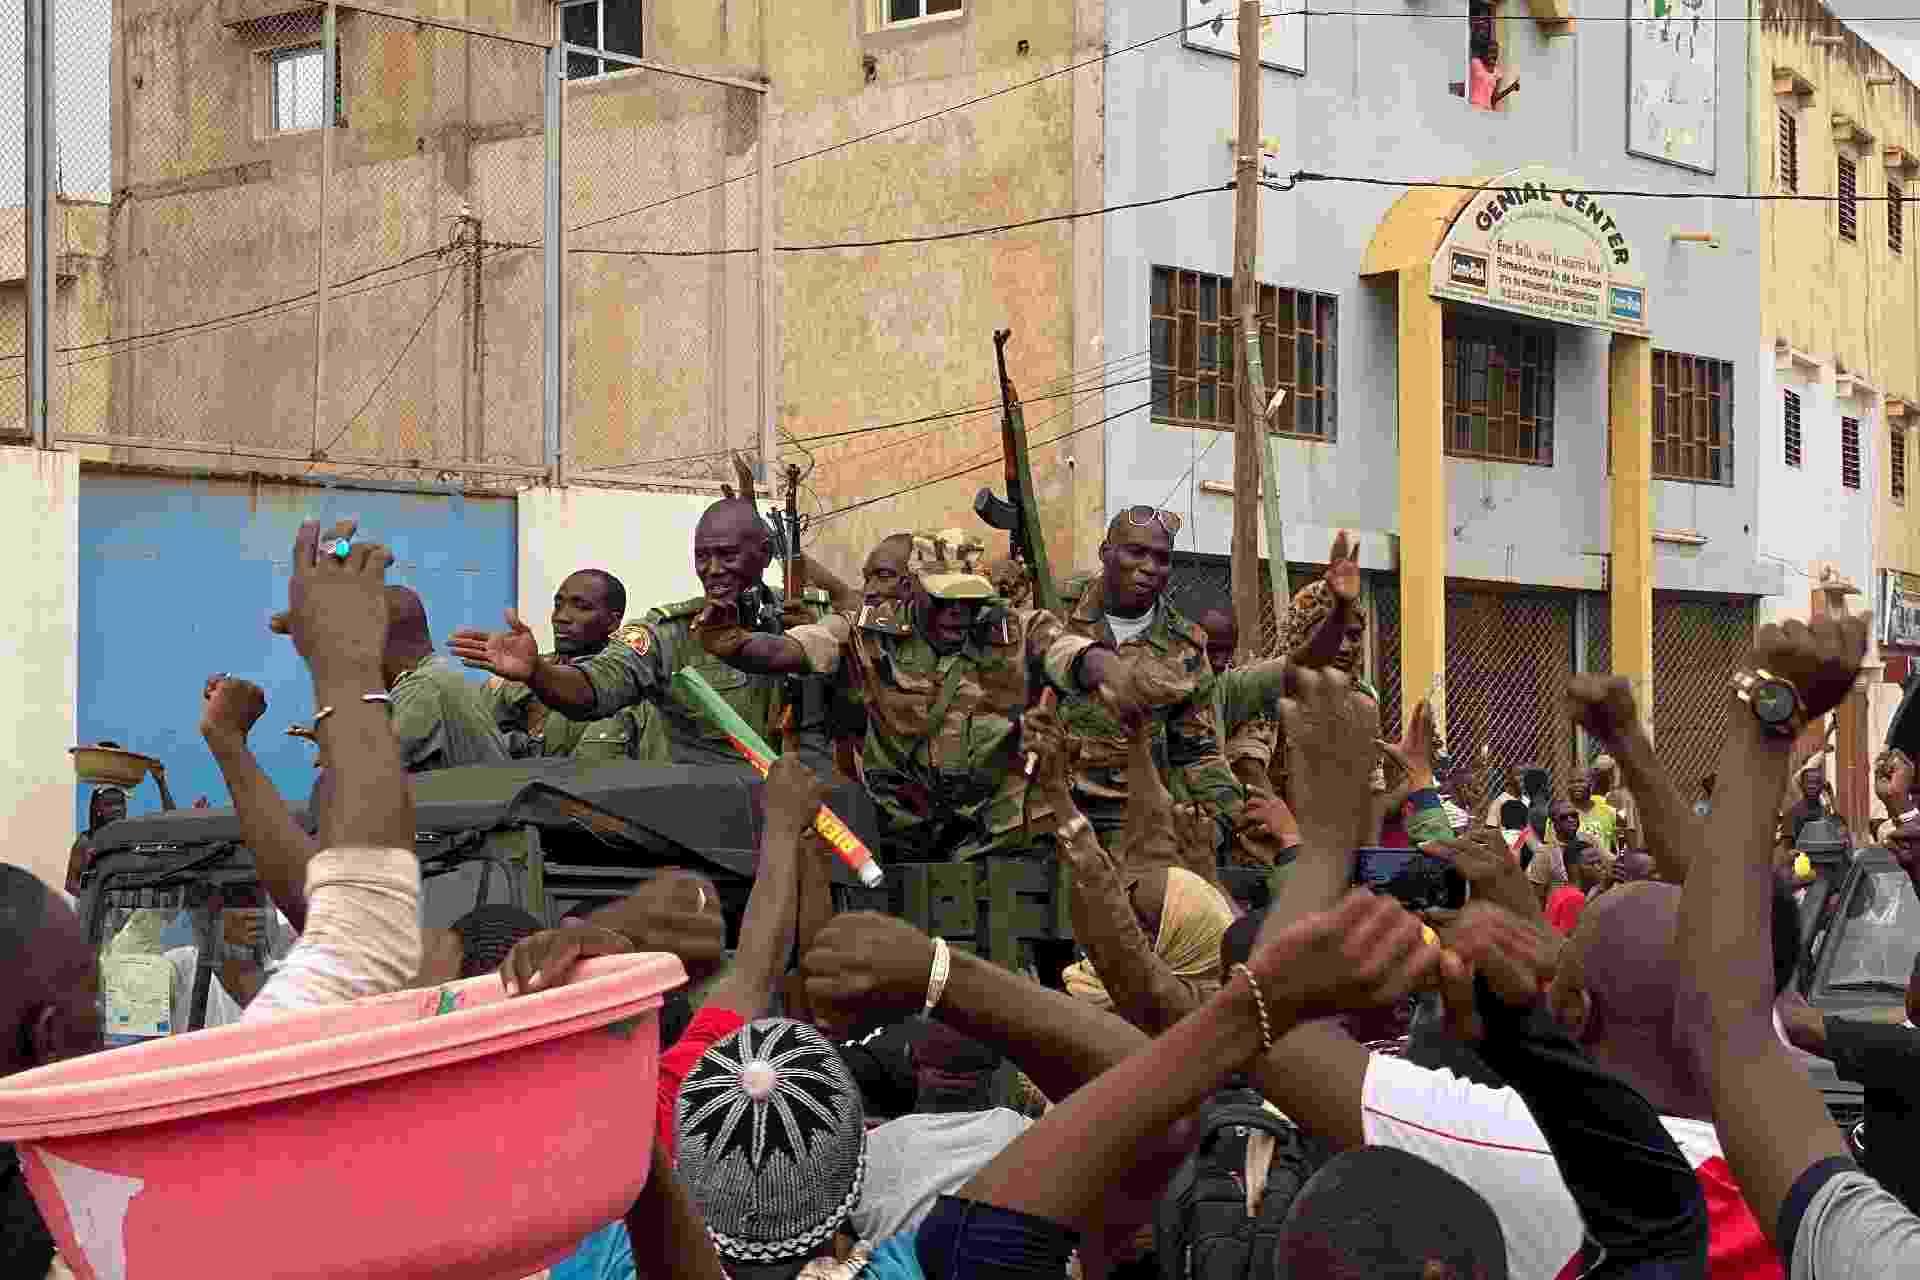 Militares armam motim e prendem primeiro-ministro e presidente do Mali - Malik Konate/AFP